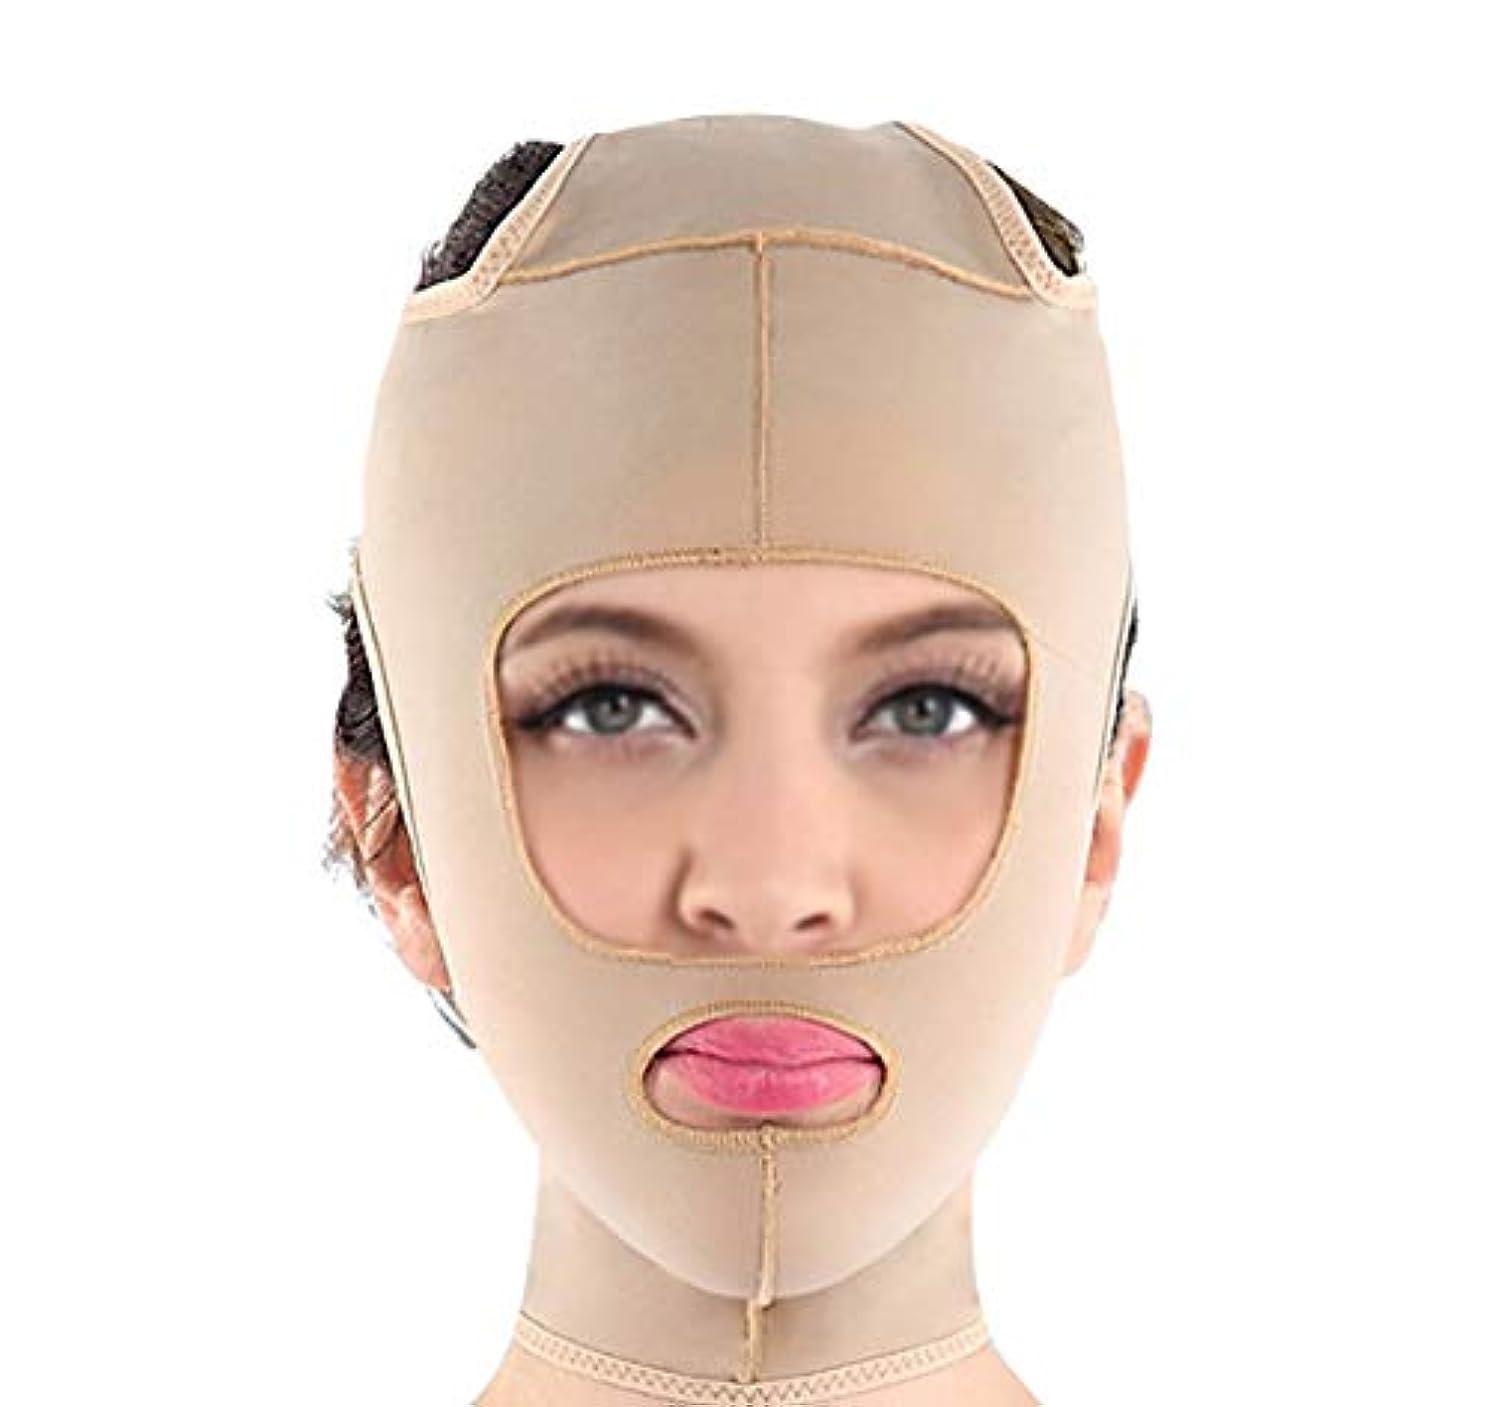 投獄首尾一貫した空虚肌をしっかりと保ち、顔の筋肉の垂れ下がりや顔の美しい輪郭の形成を防ぐフェイスリフティングマスク (Size : XL)